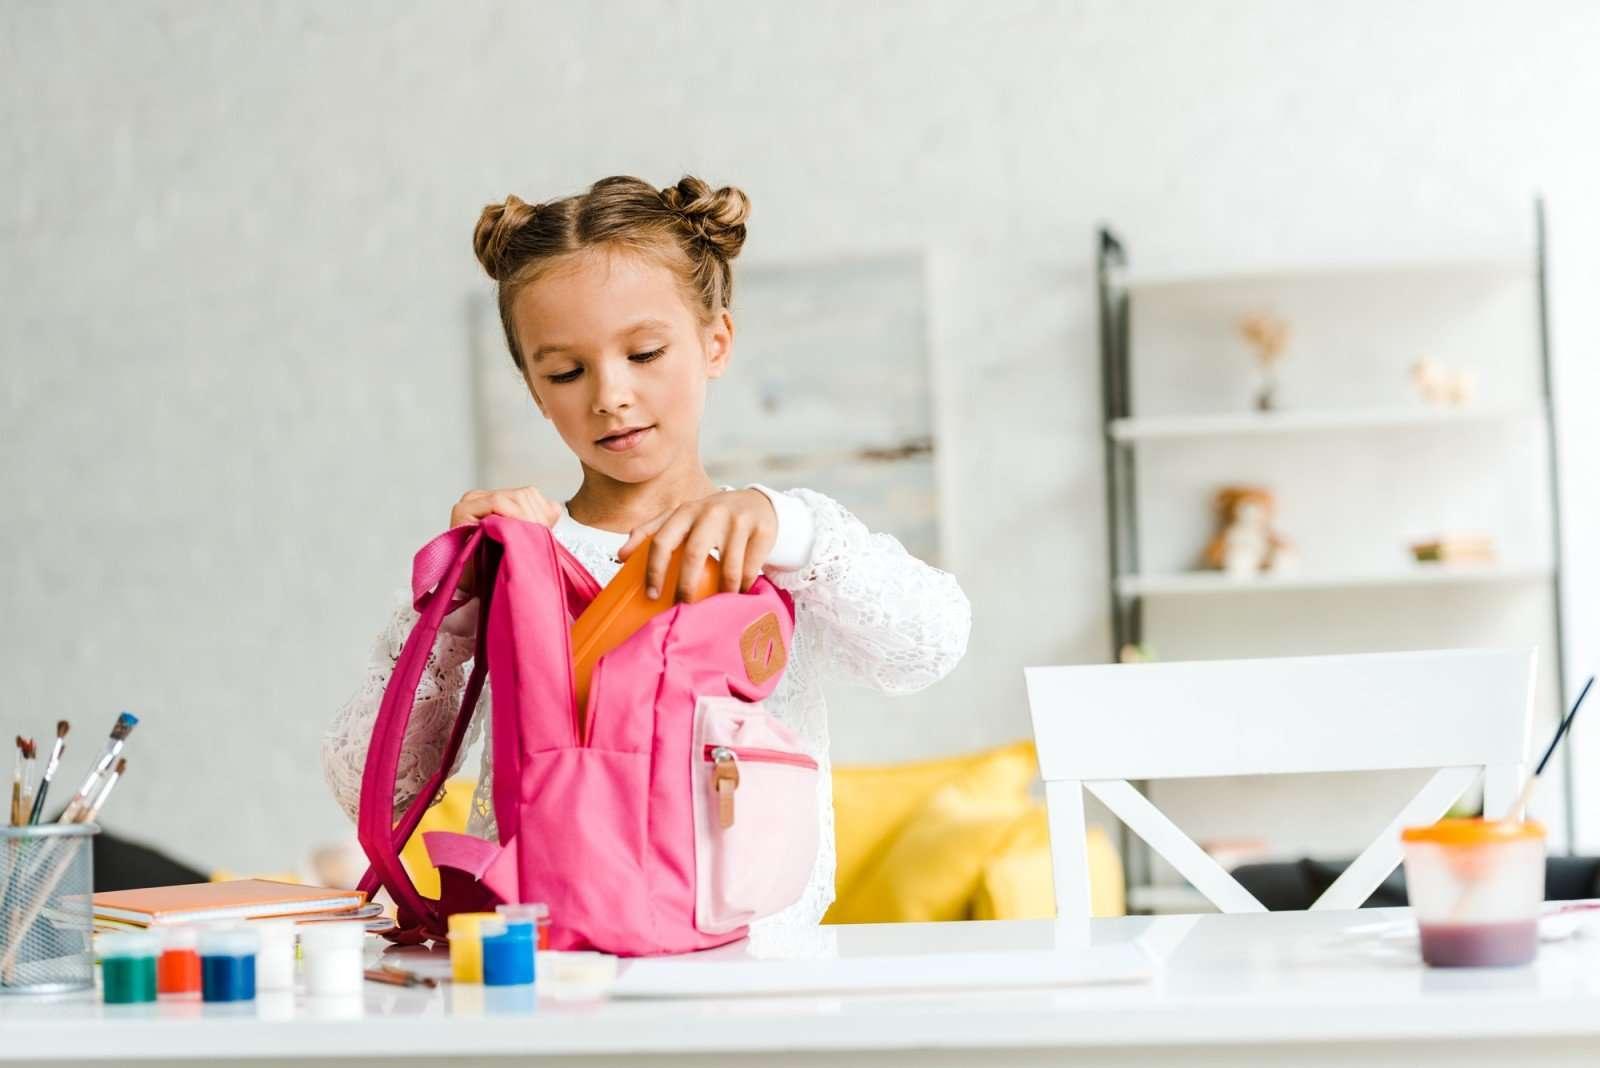 Валерьянку — маме! И еще 4 совета родителям первоклассников, которые сделают школьную жизнь проще